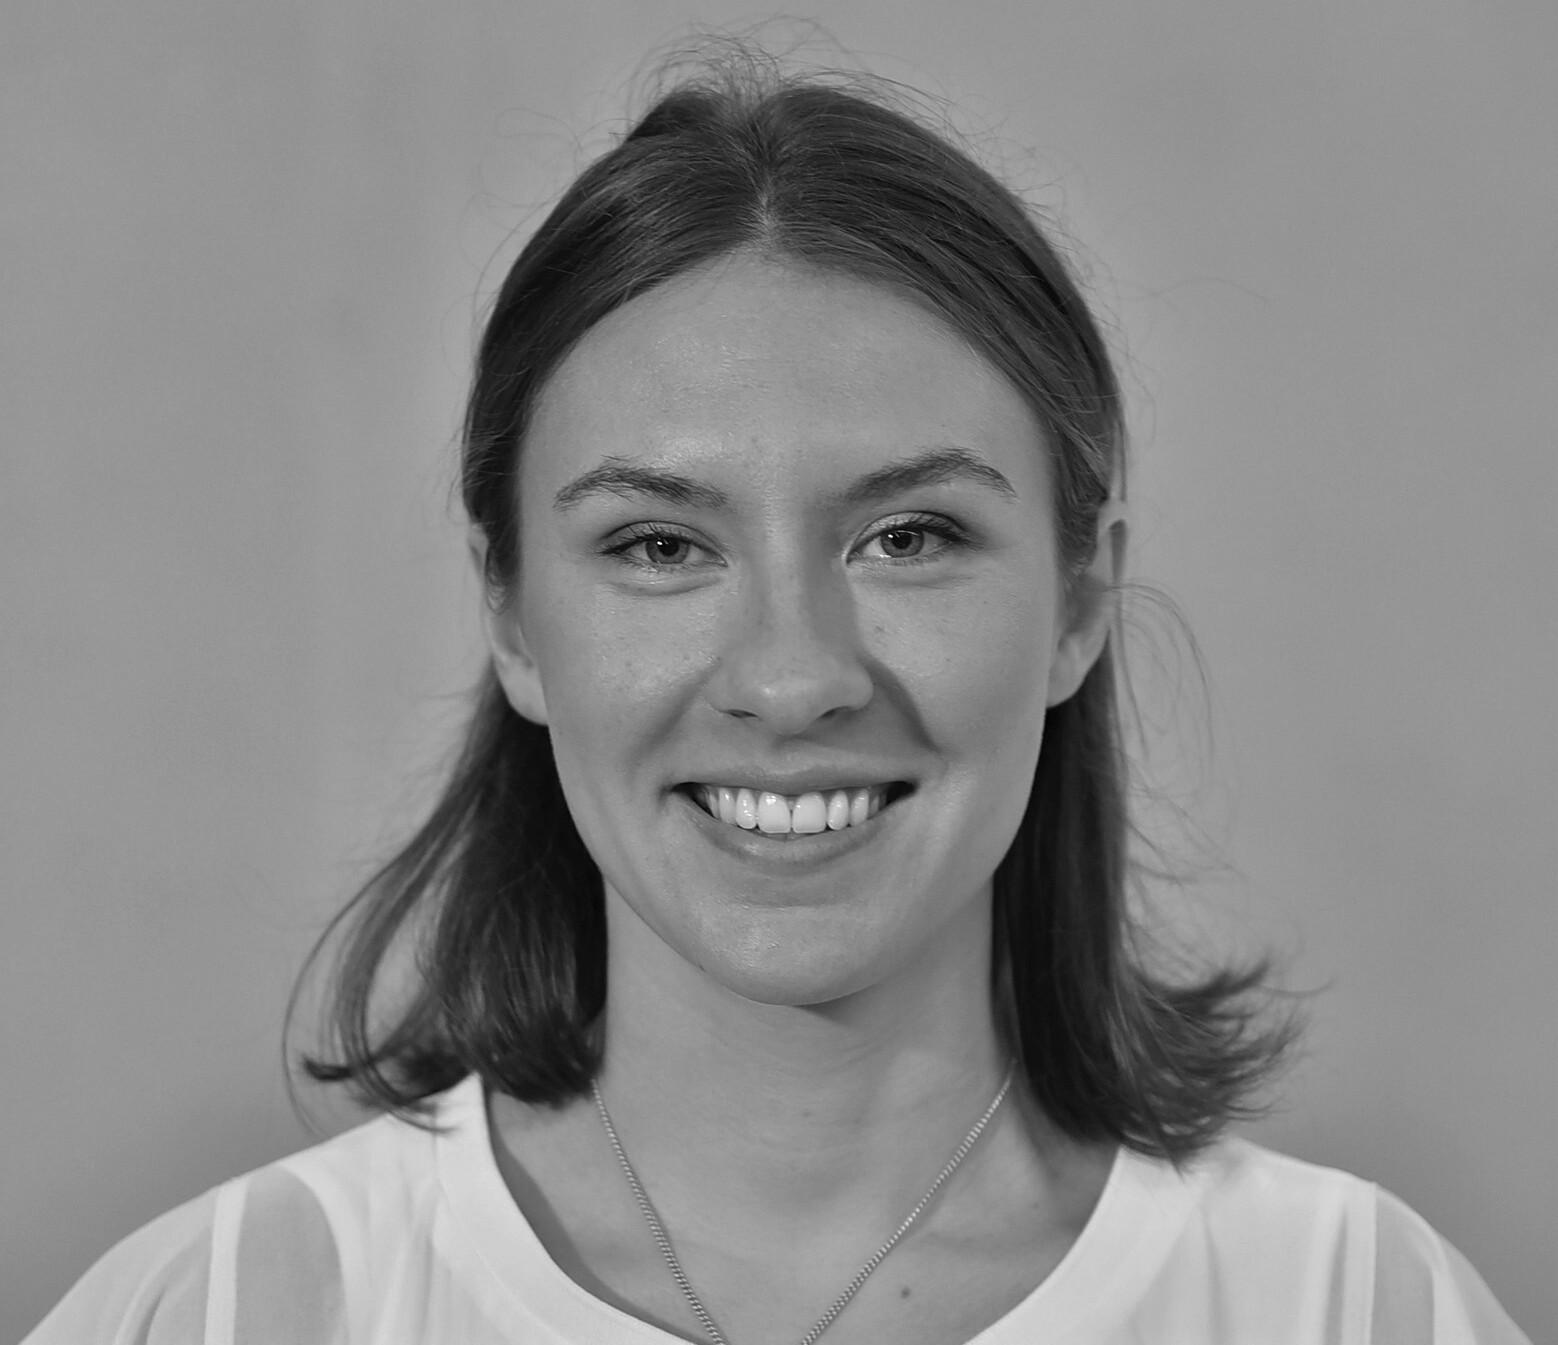 Isobel Vernon-Avery